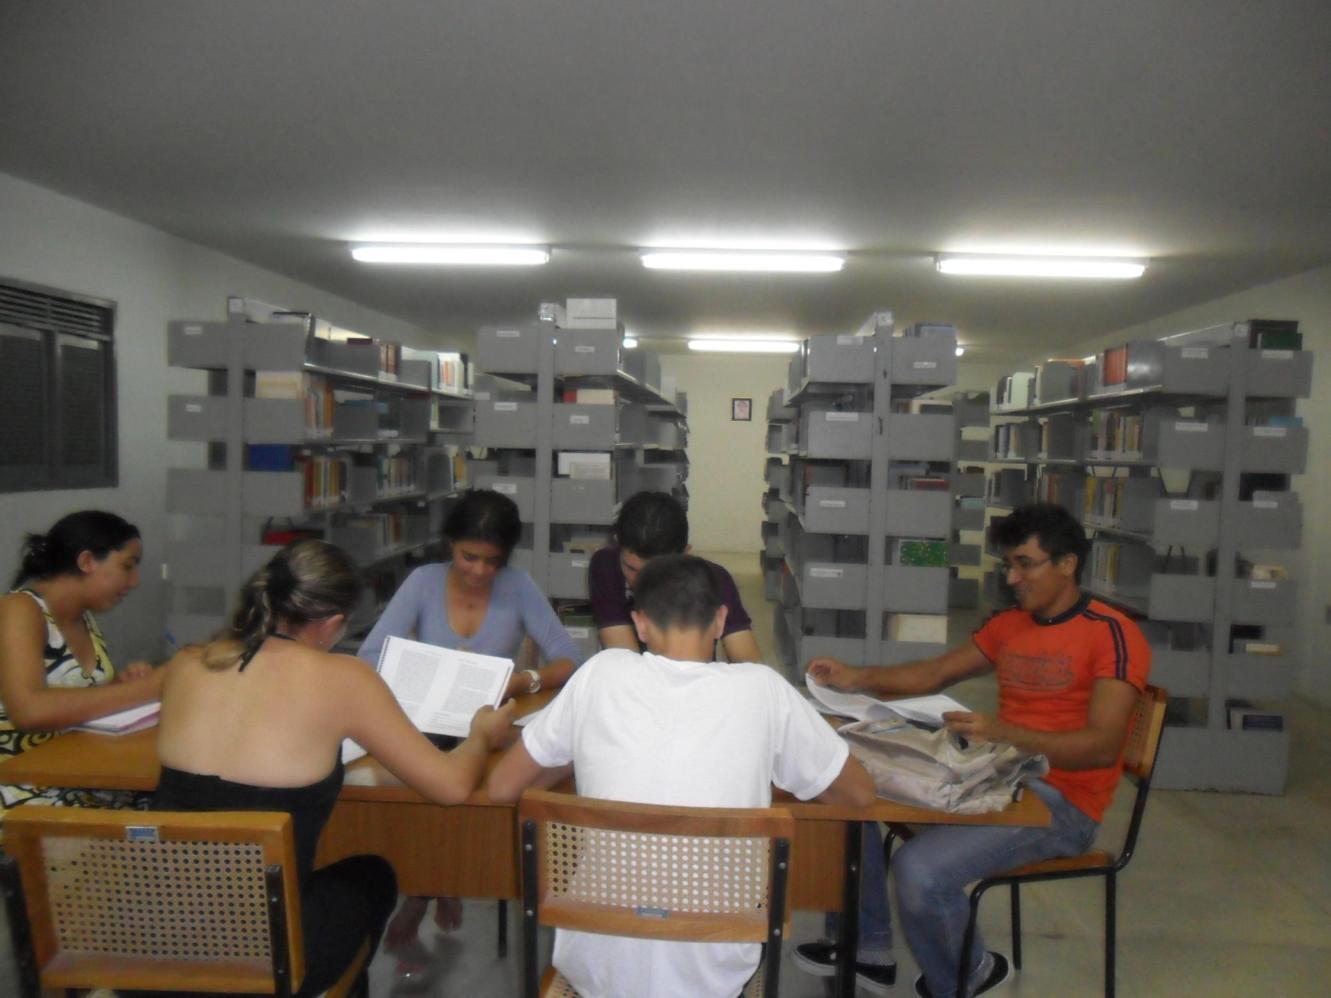 Foto do salão do acervo bibliográfico da BSP